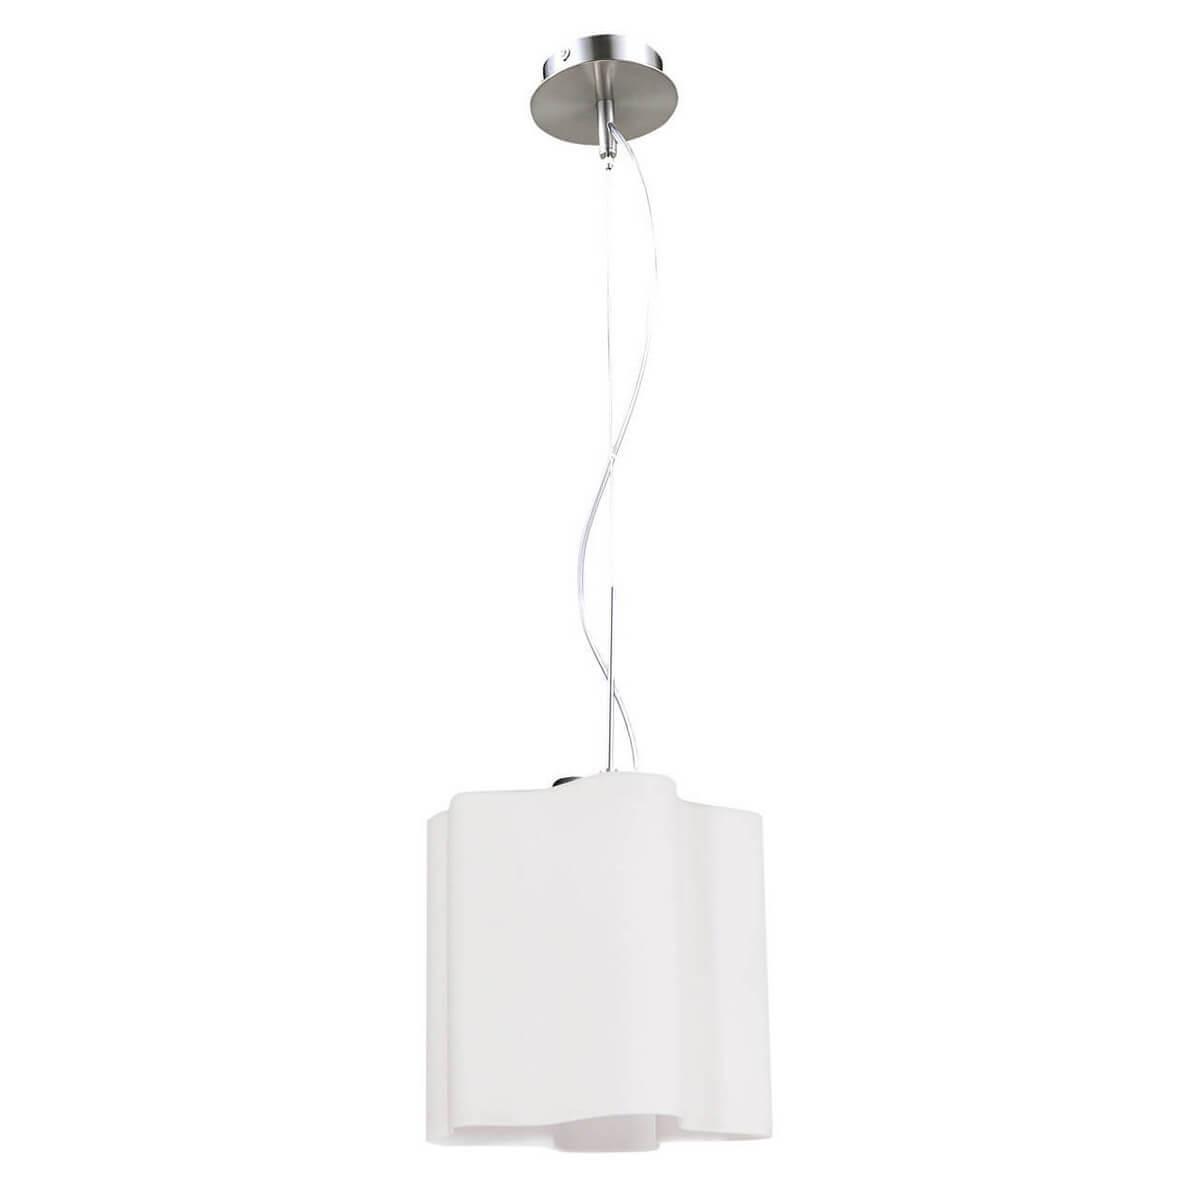 Подвесной светильник Lightstar Nubi 802110 lightstar 802130 md998 3 подвес nubi 3х40w e27 хром белый шт